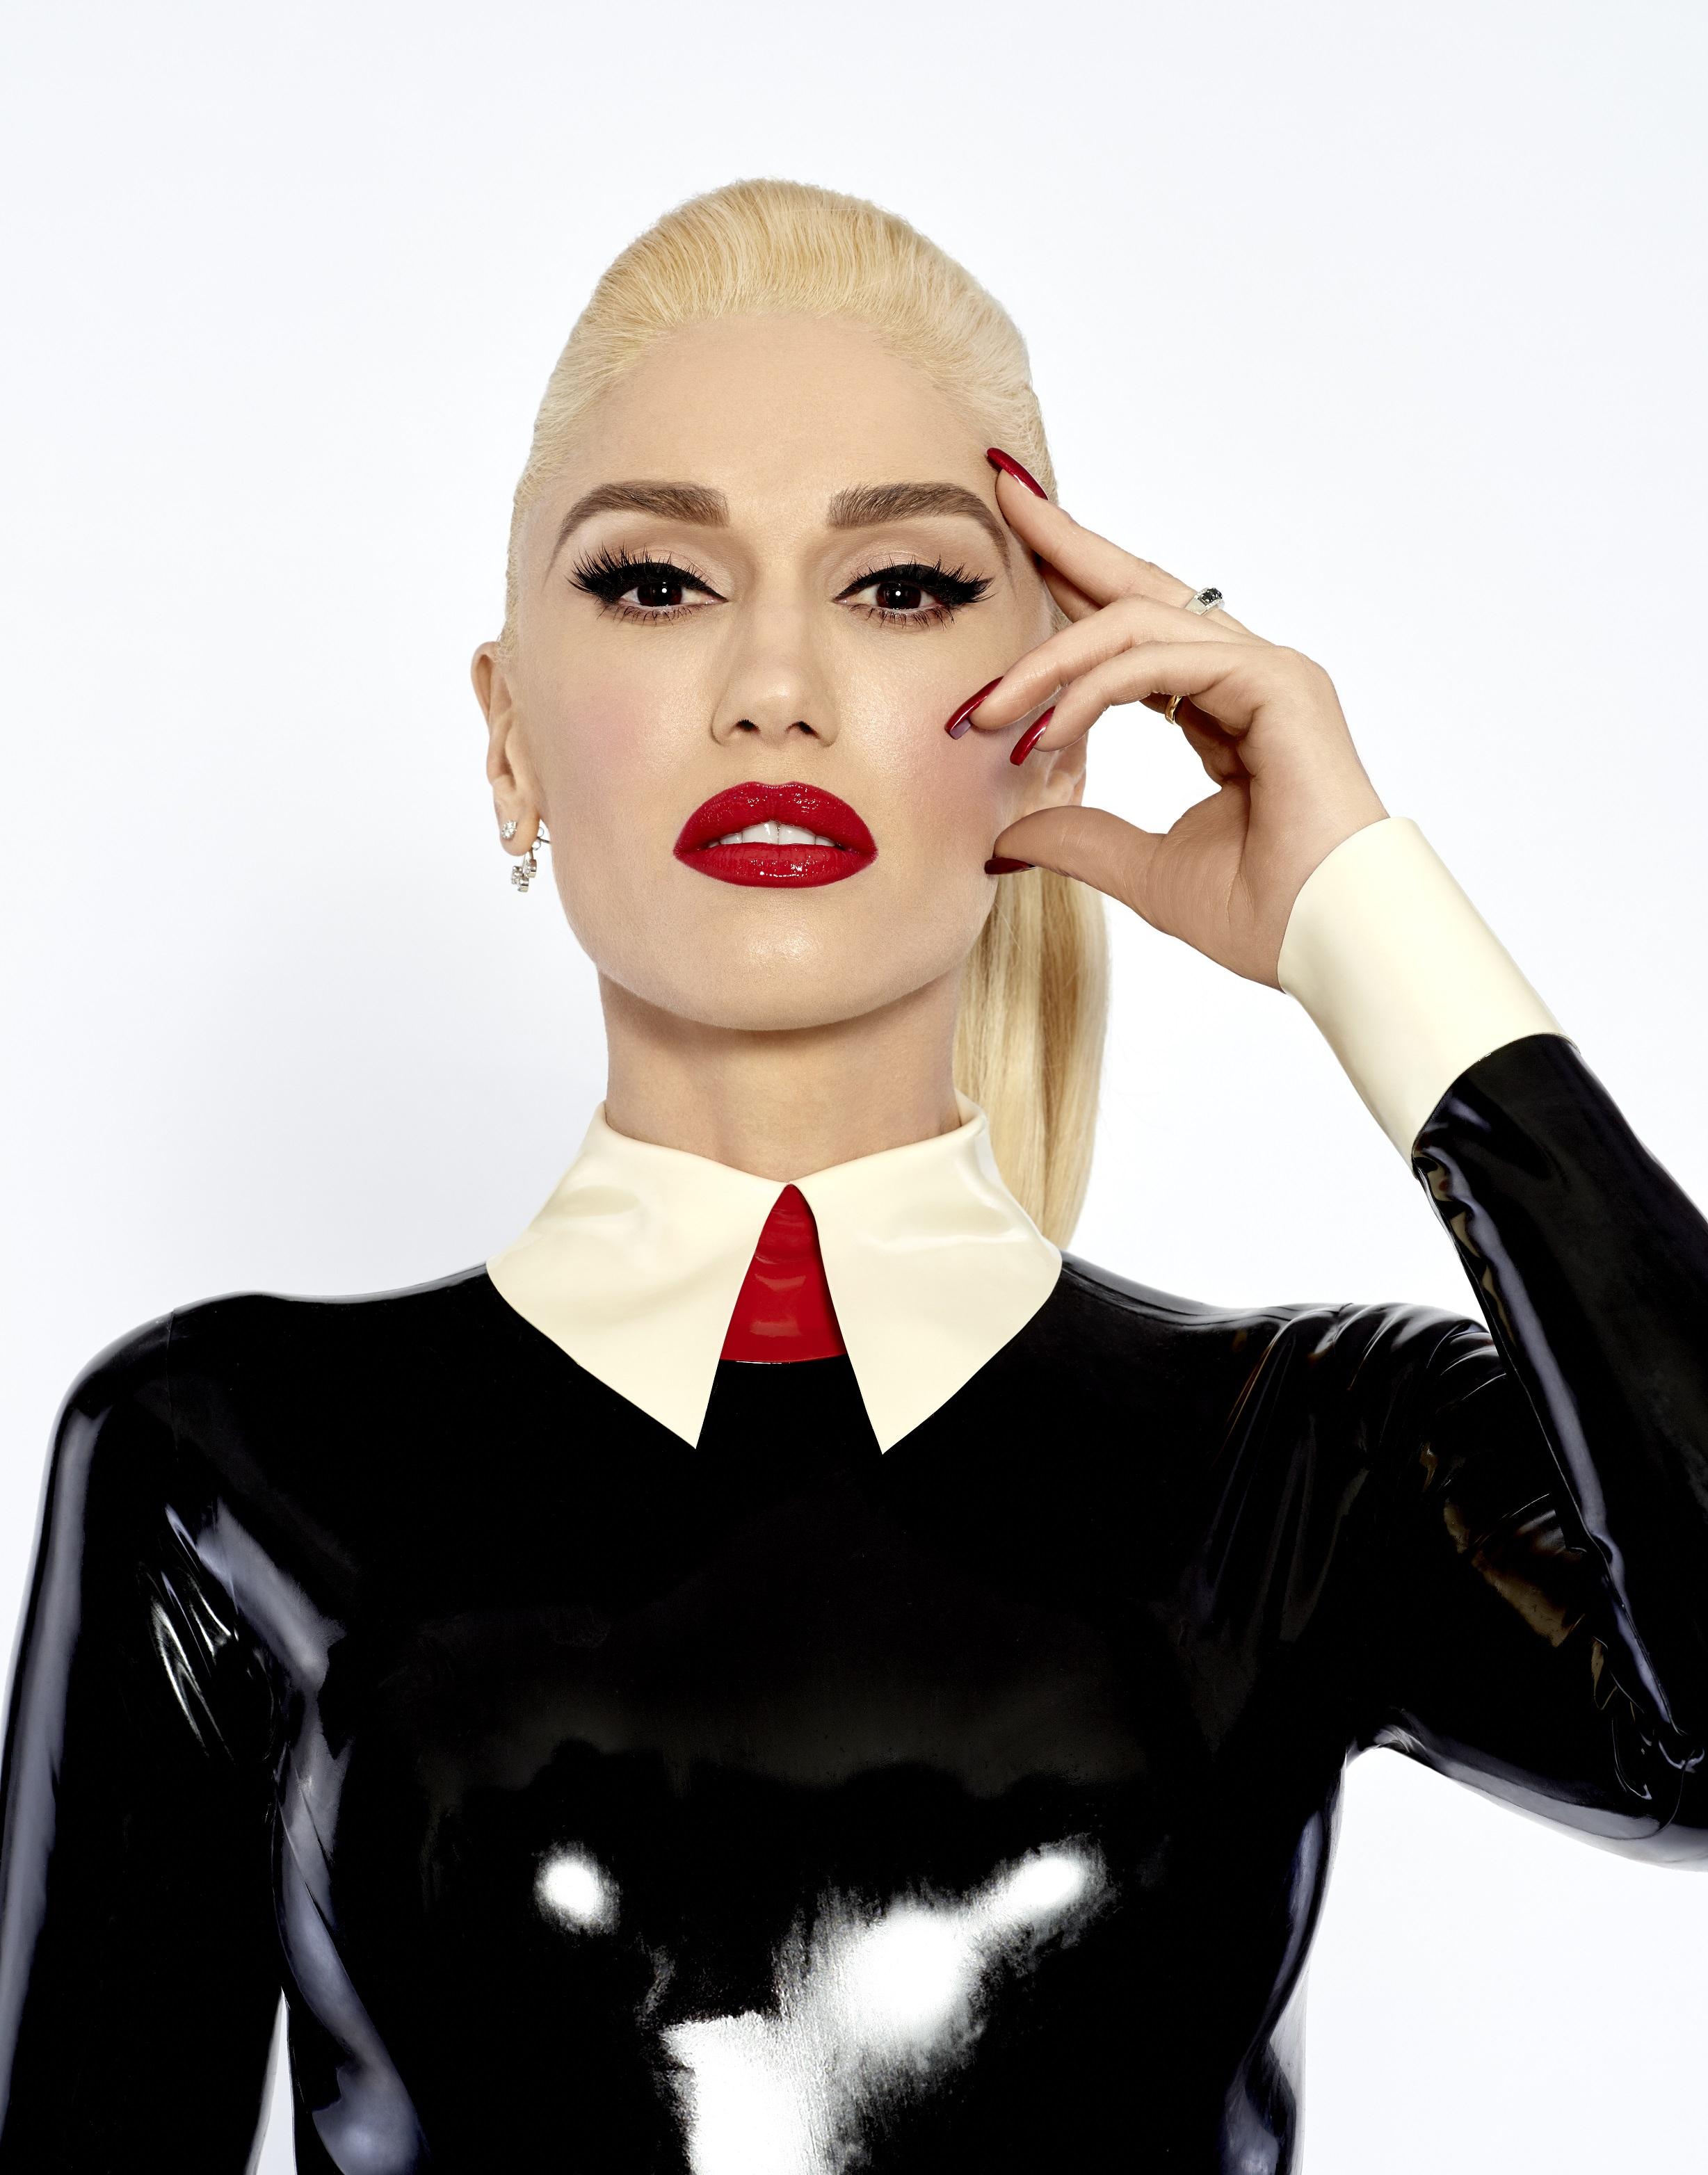 Gwen stefani dating 2019